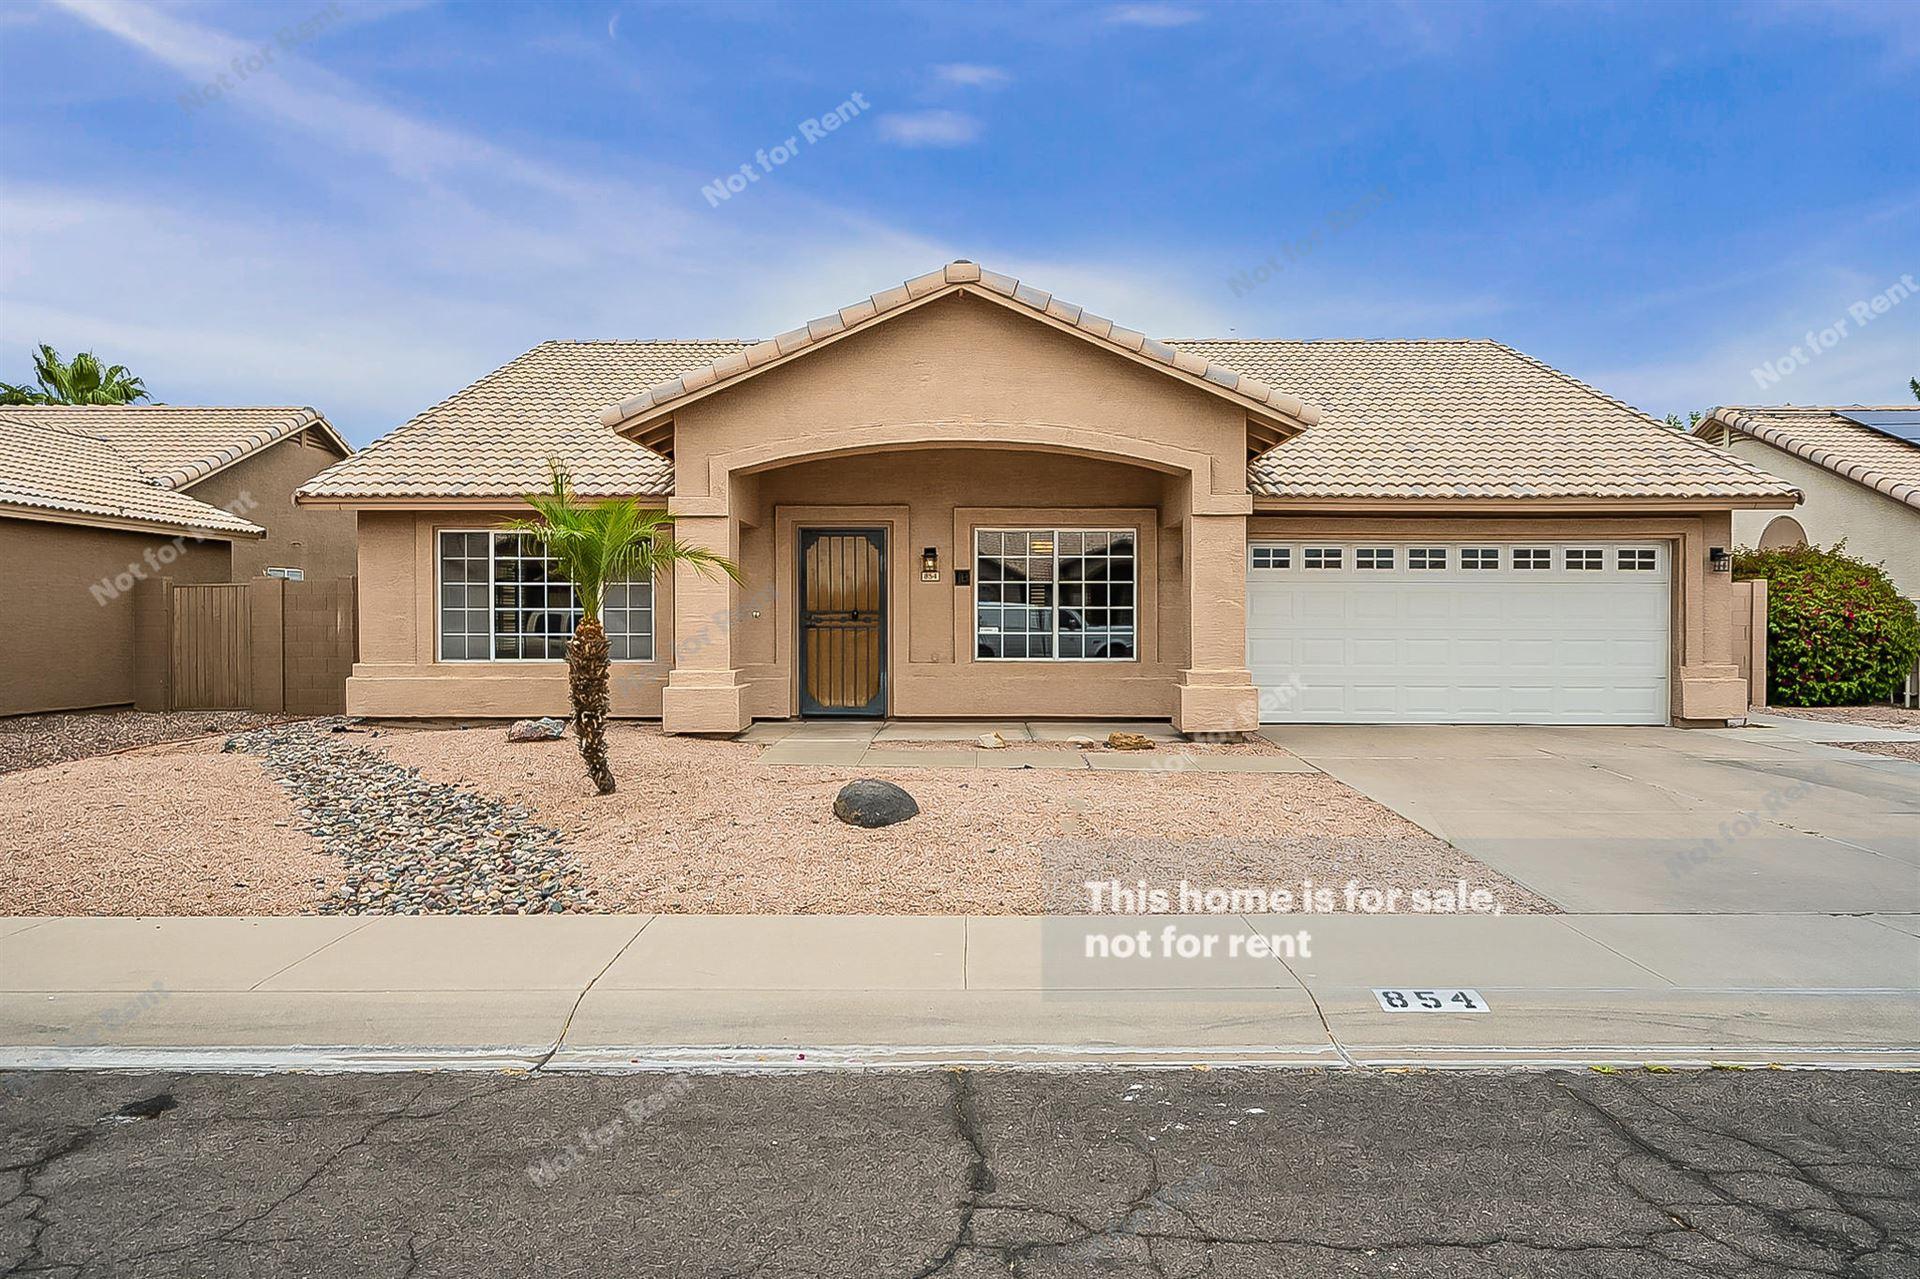 854 E CINDY Street, Chandler, AZ 85225 - MLS#: 6227572